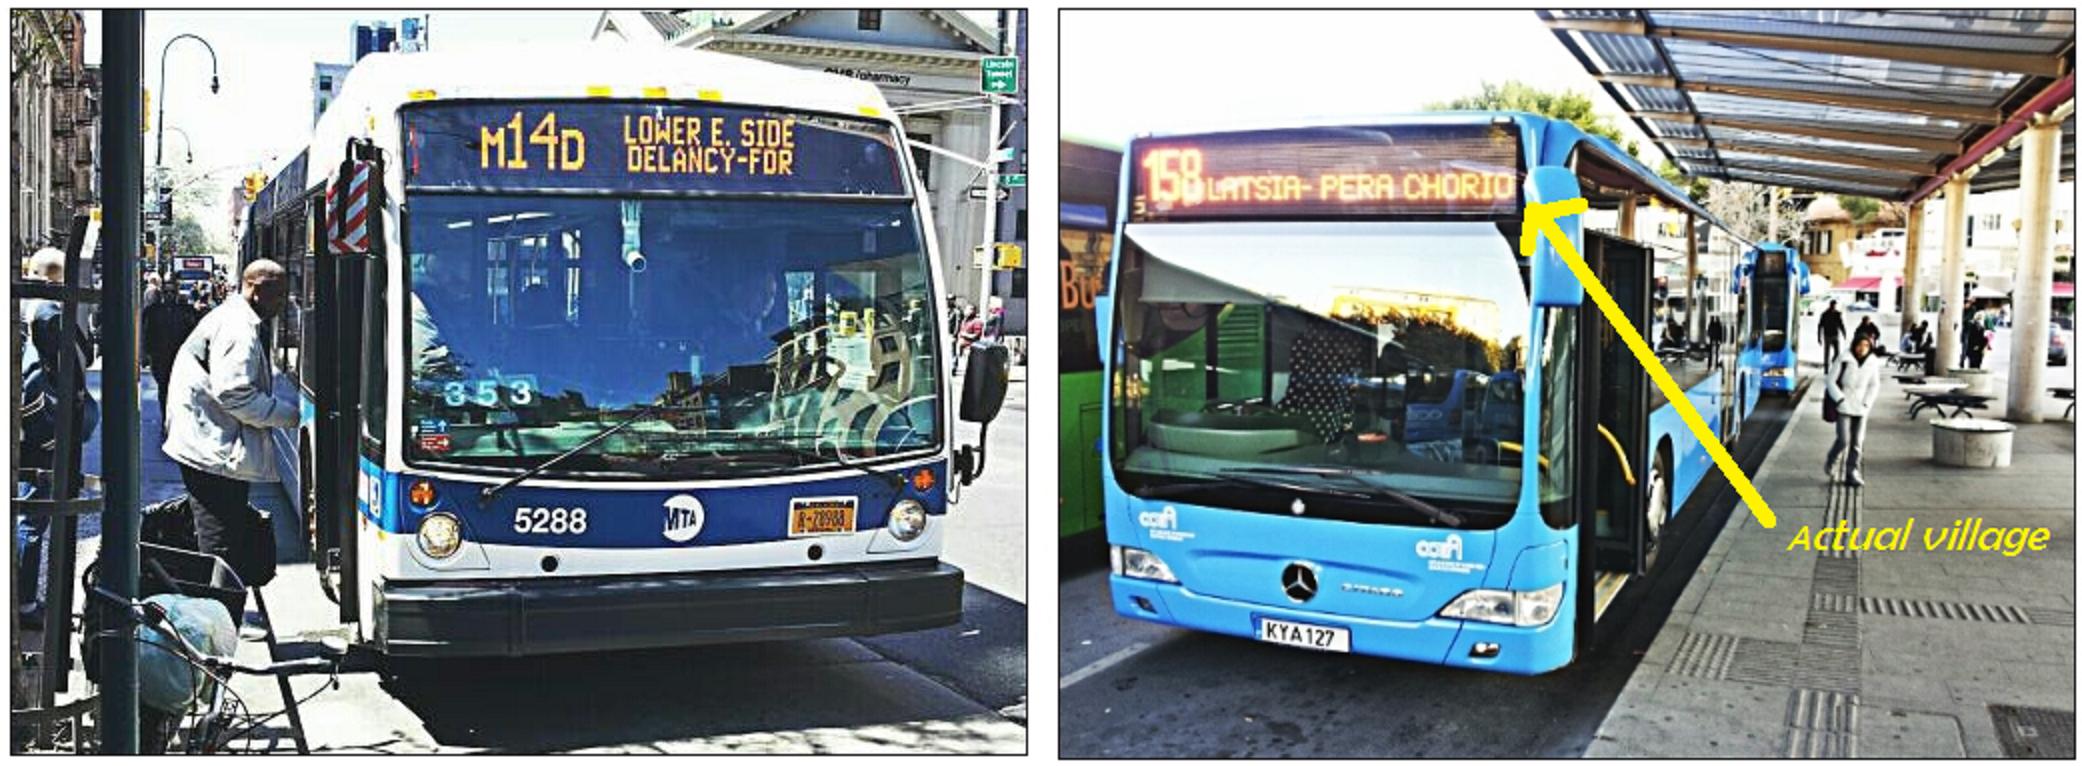 3. Bus routes